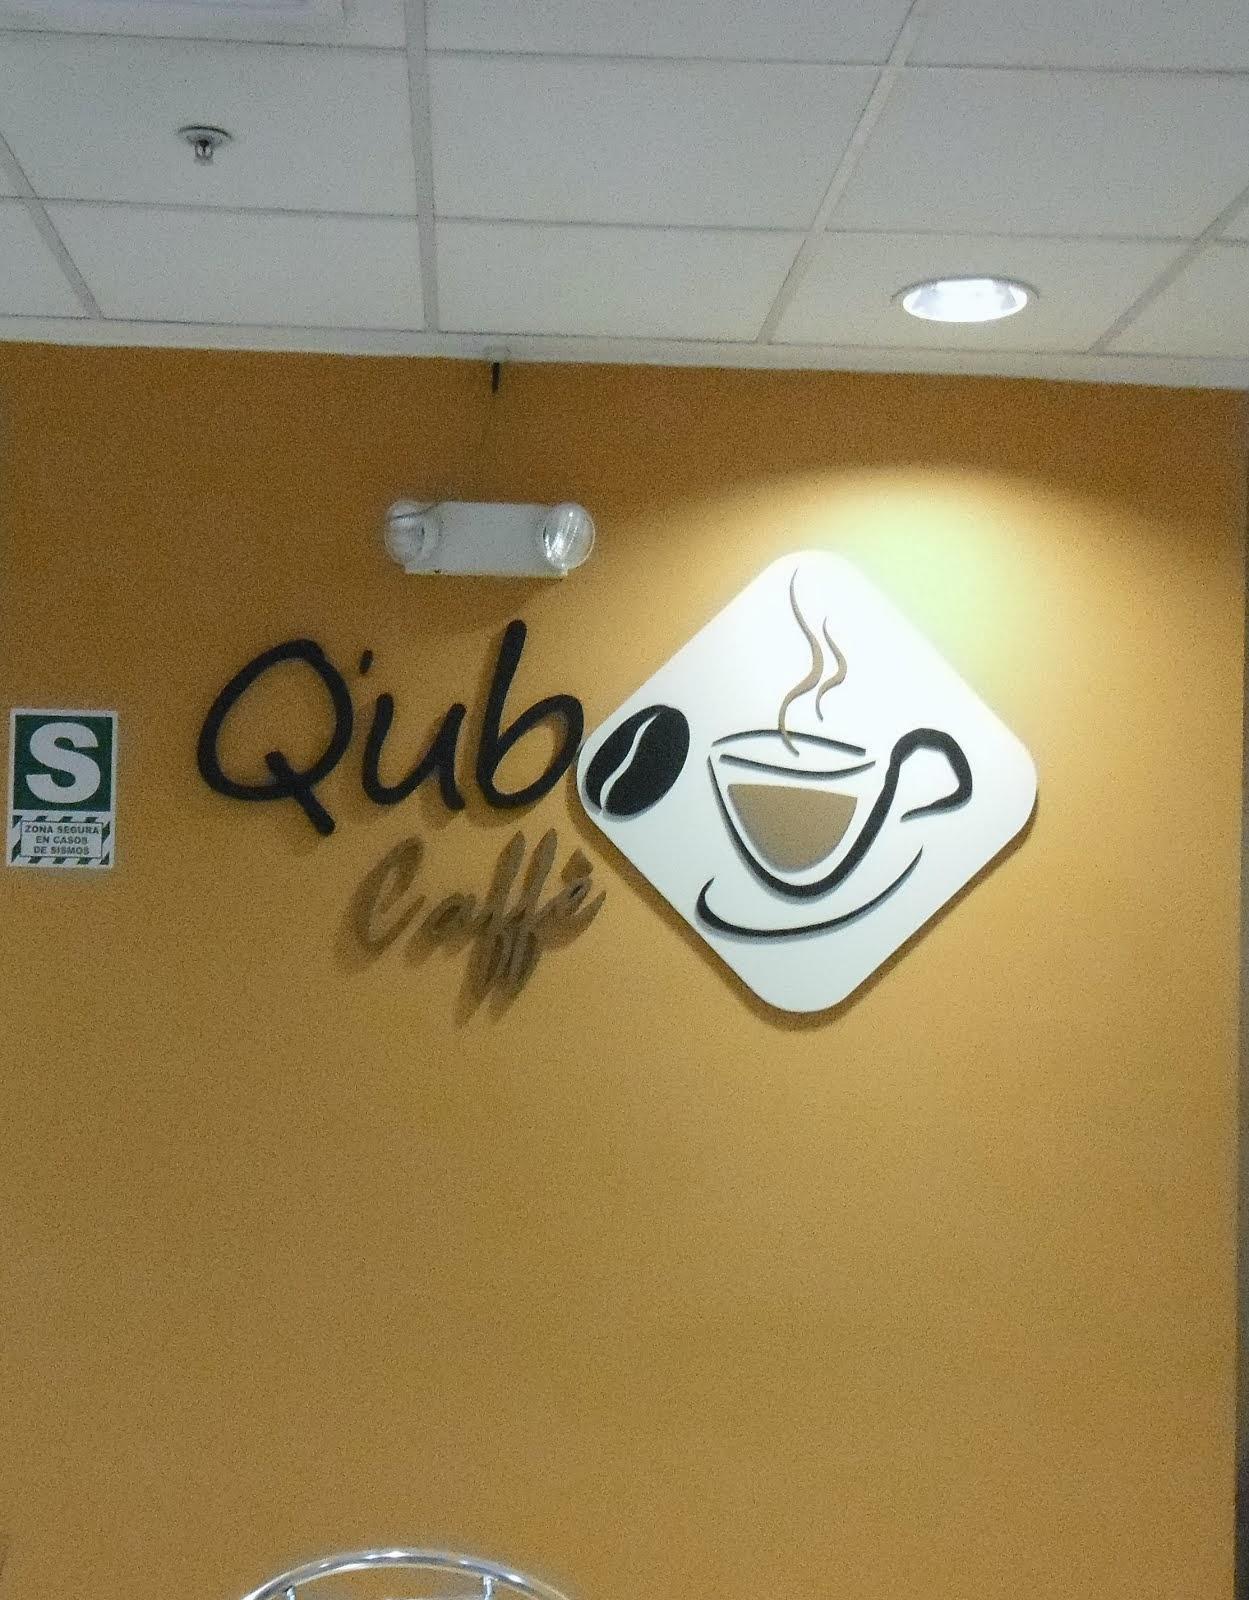 qubo caffe - letras en mdf en 3d